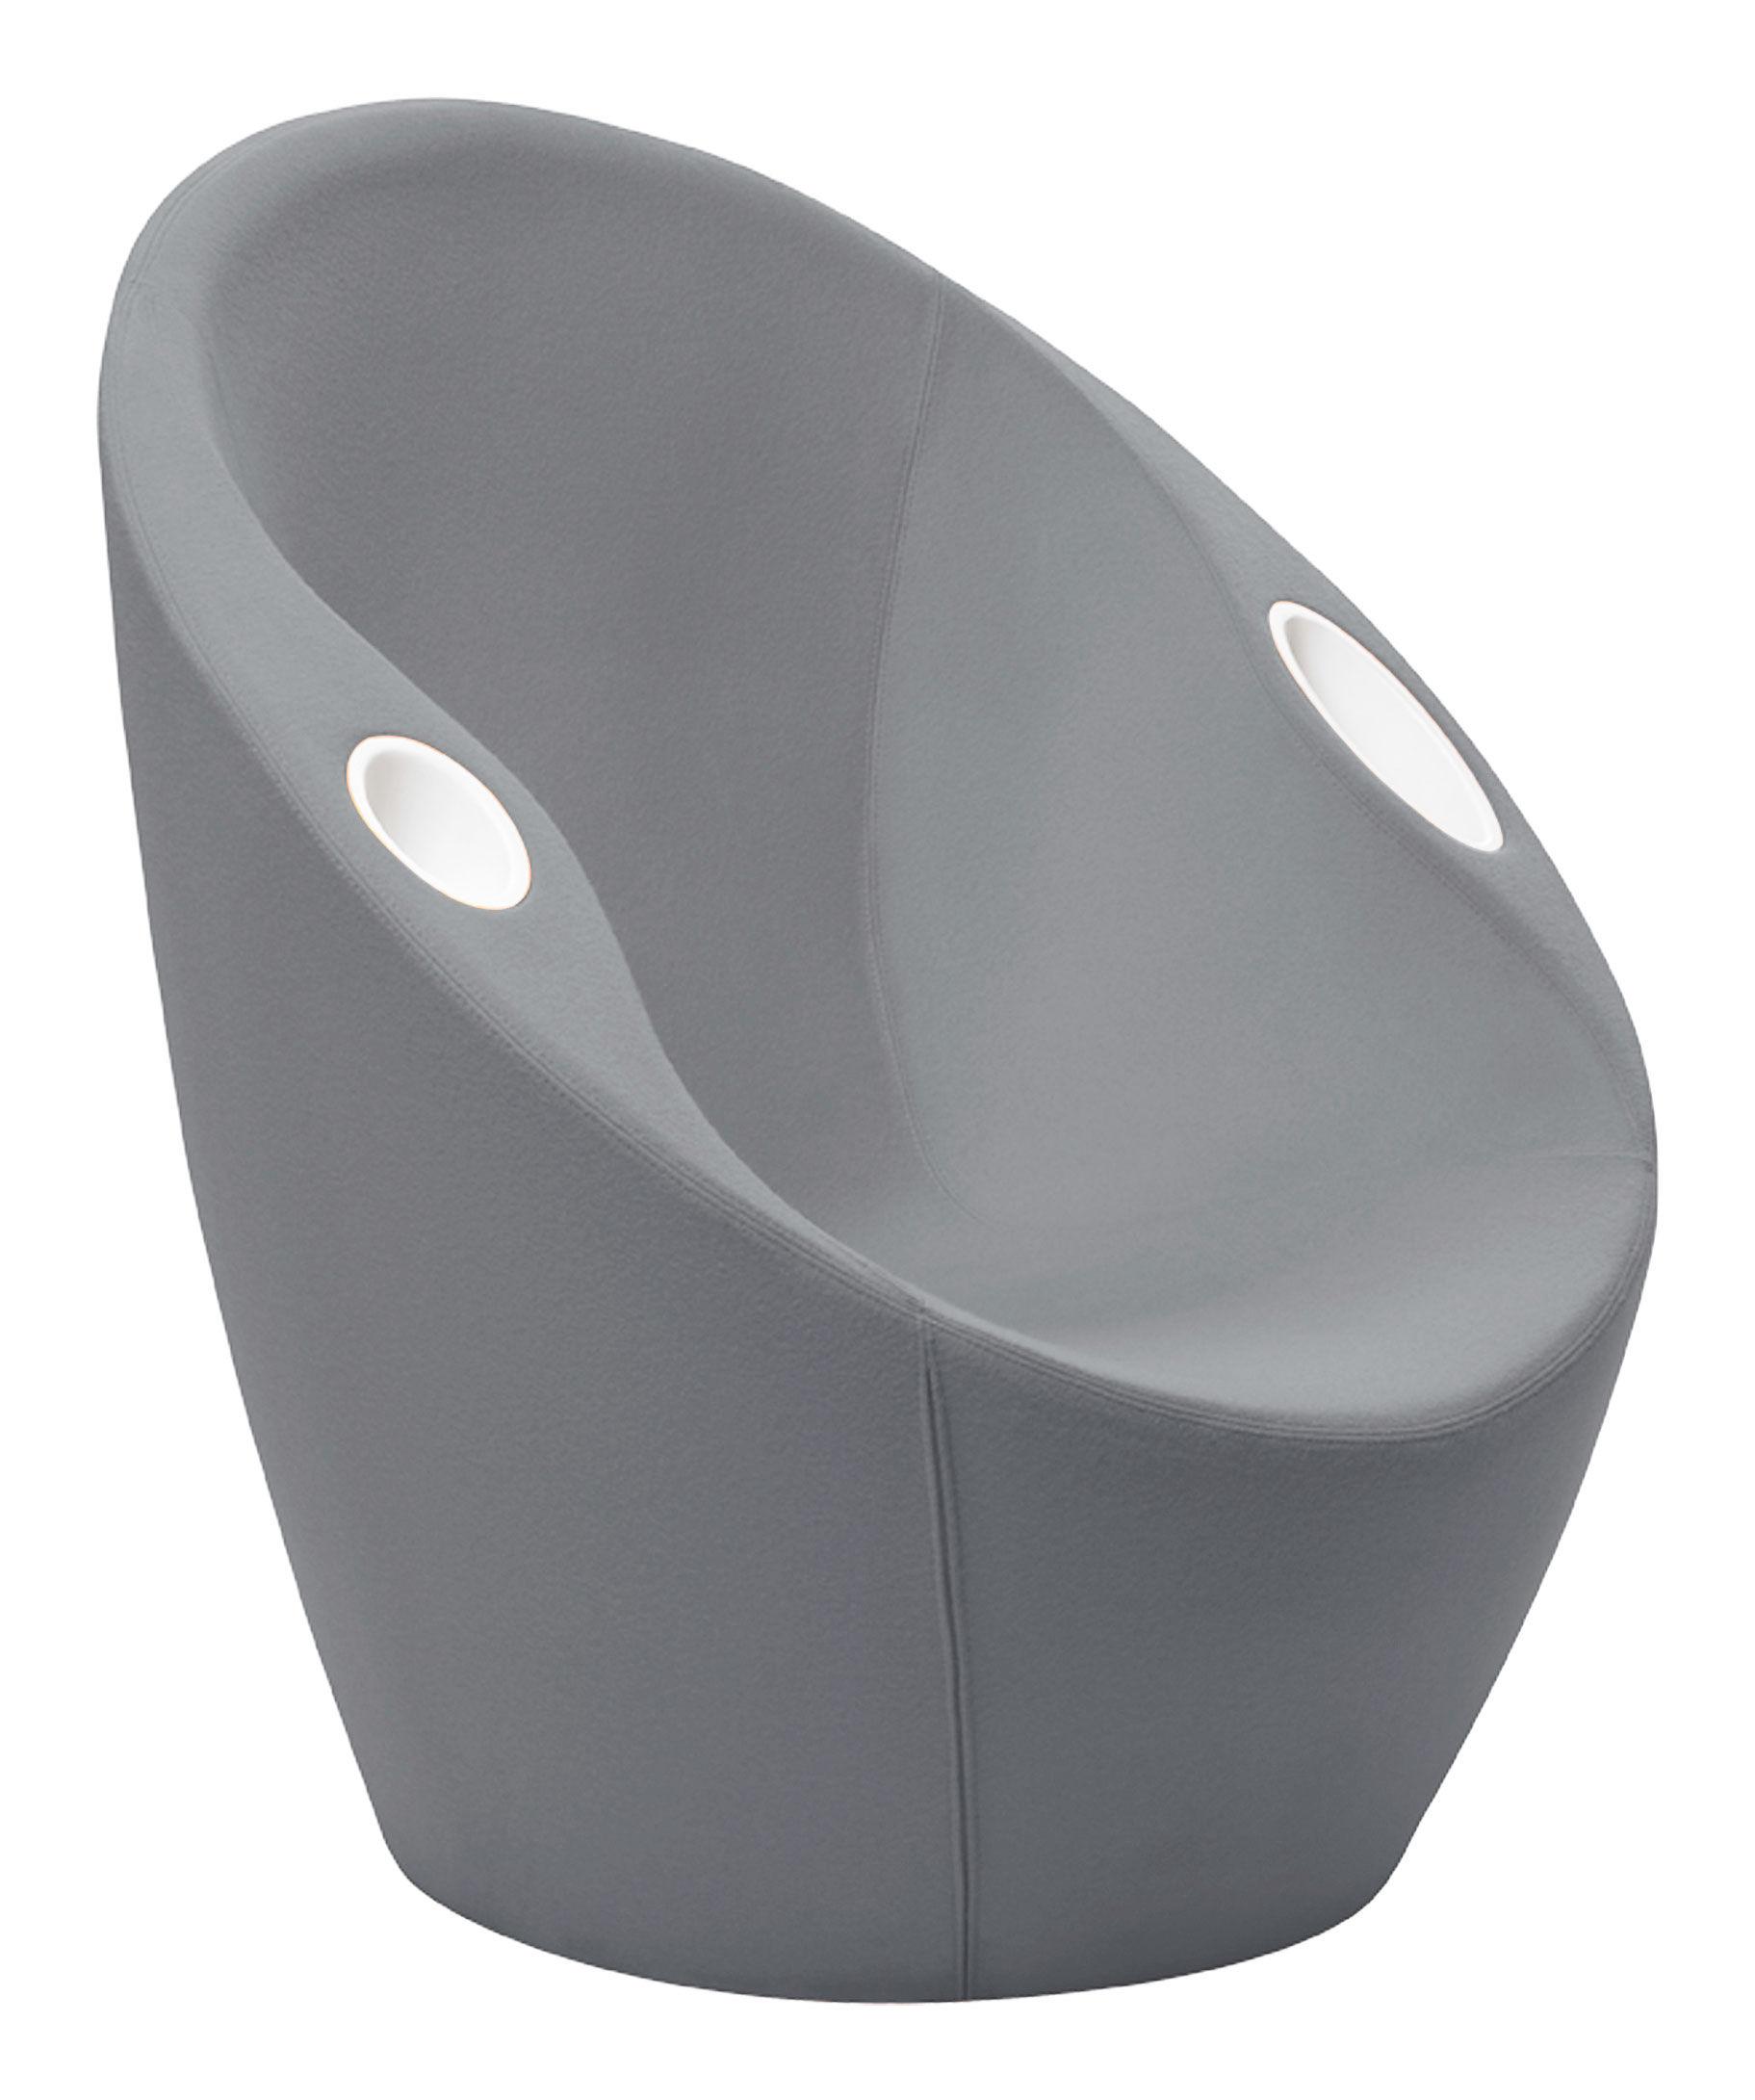 Arredamento - Poltrone design  - Poltrona imbottita Ouch - con braccioli - Rivestimento in tessuto di Casamania - Grigio - Espanso, Metallo, Tessuto